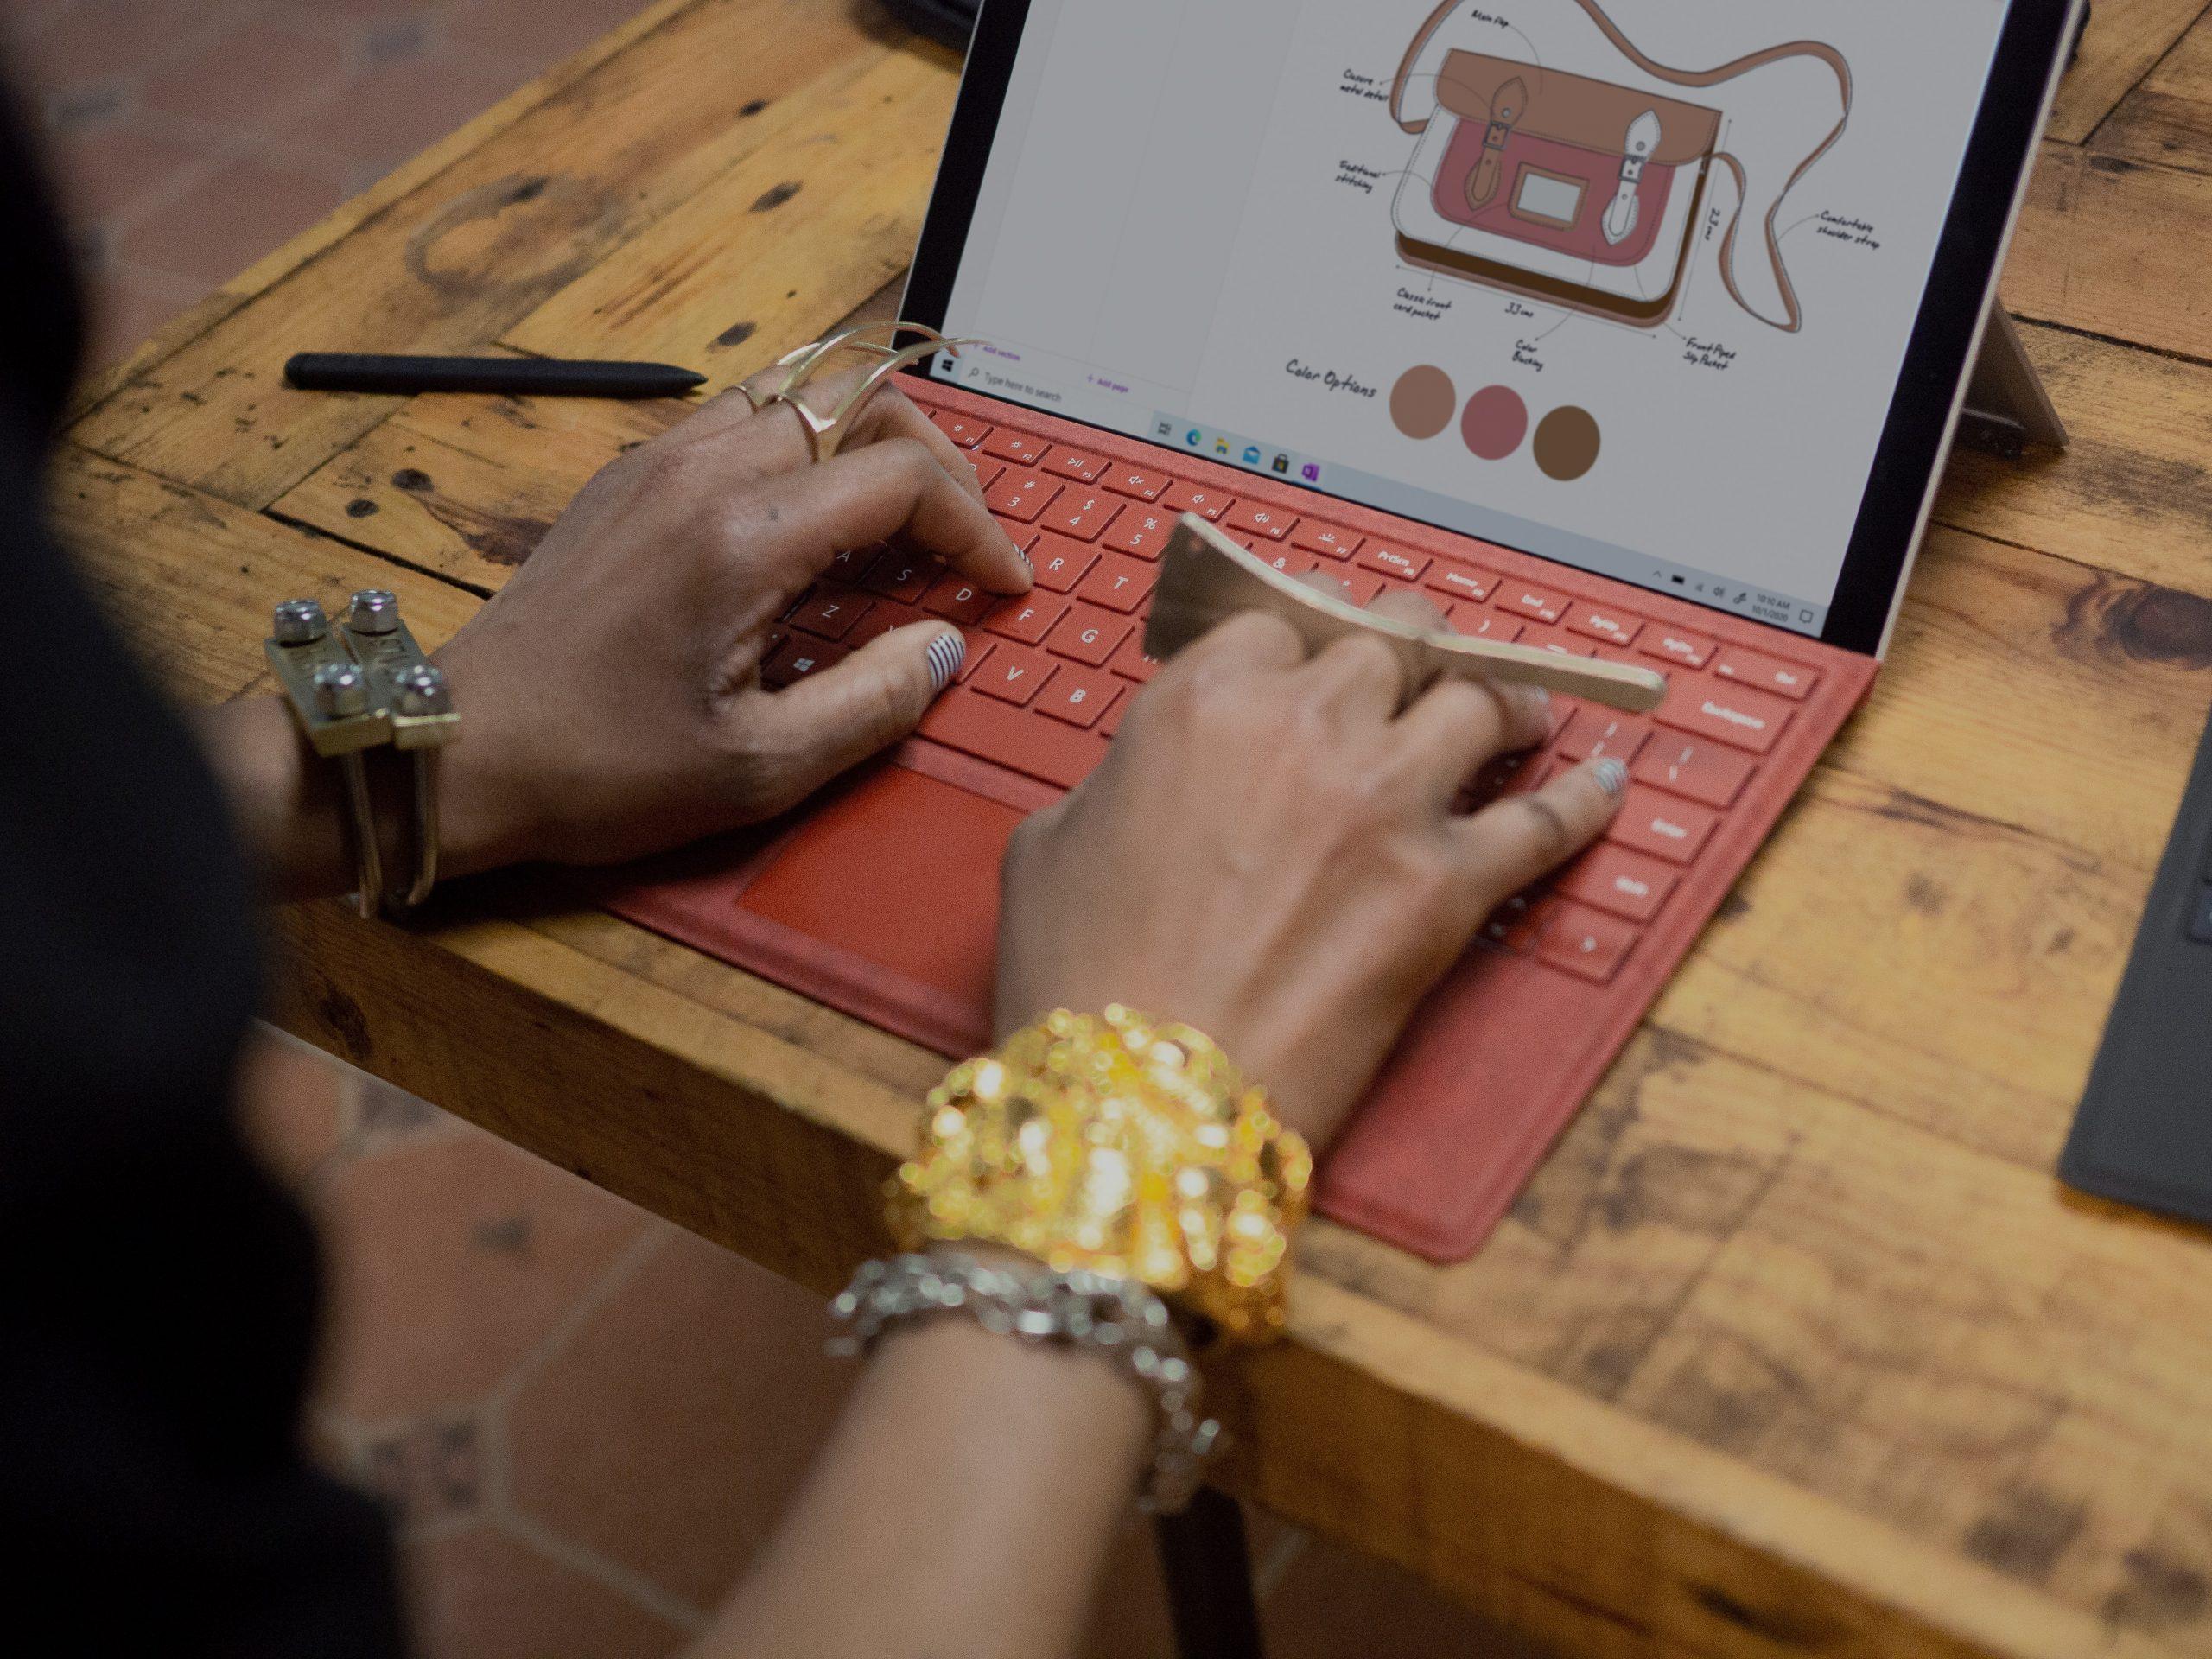 Persona usando teclado en tablet